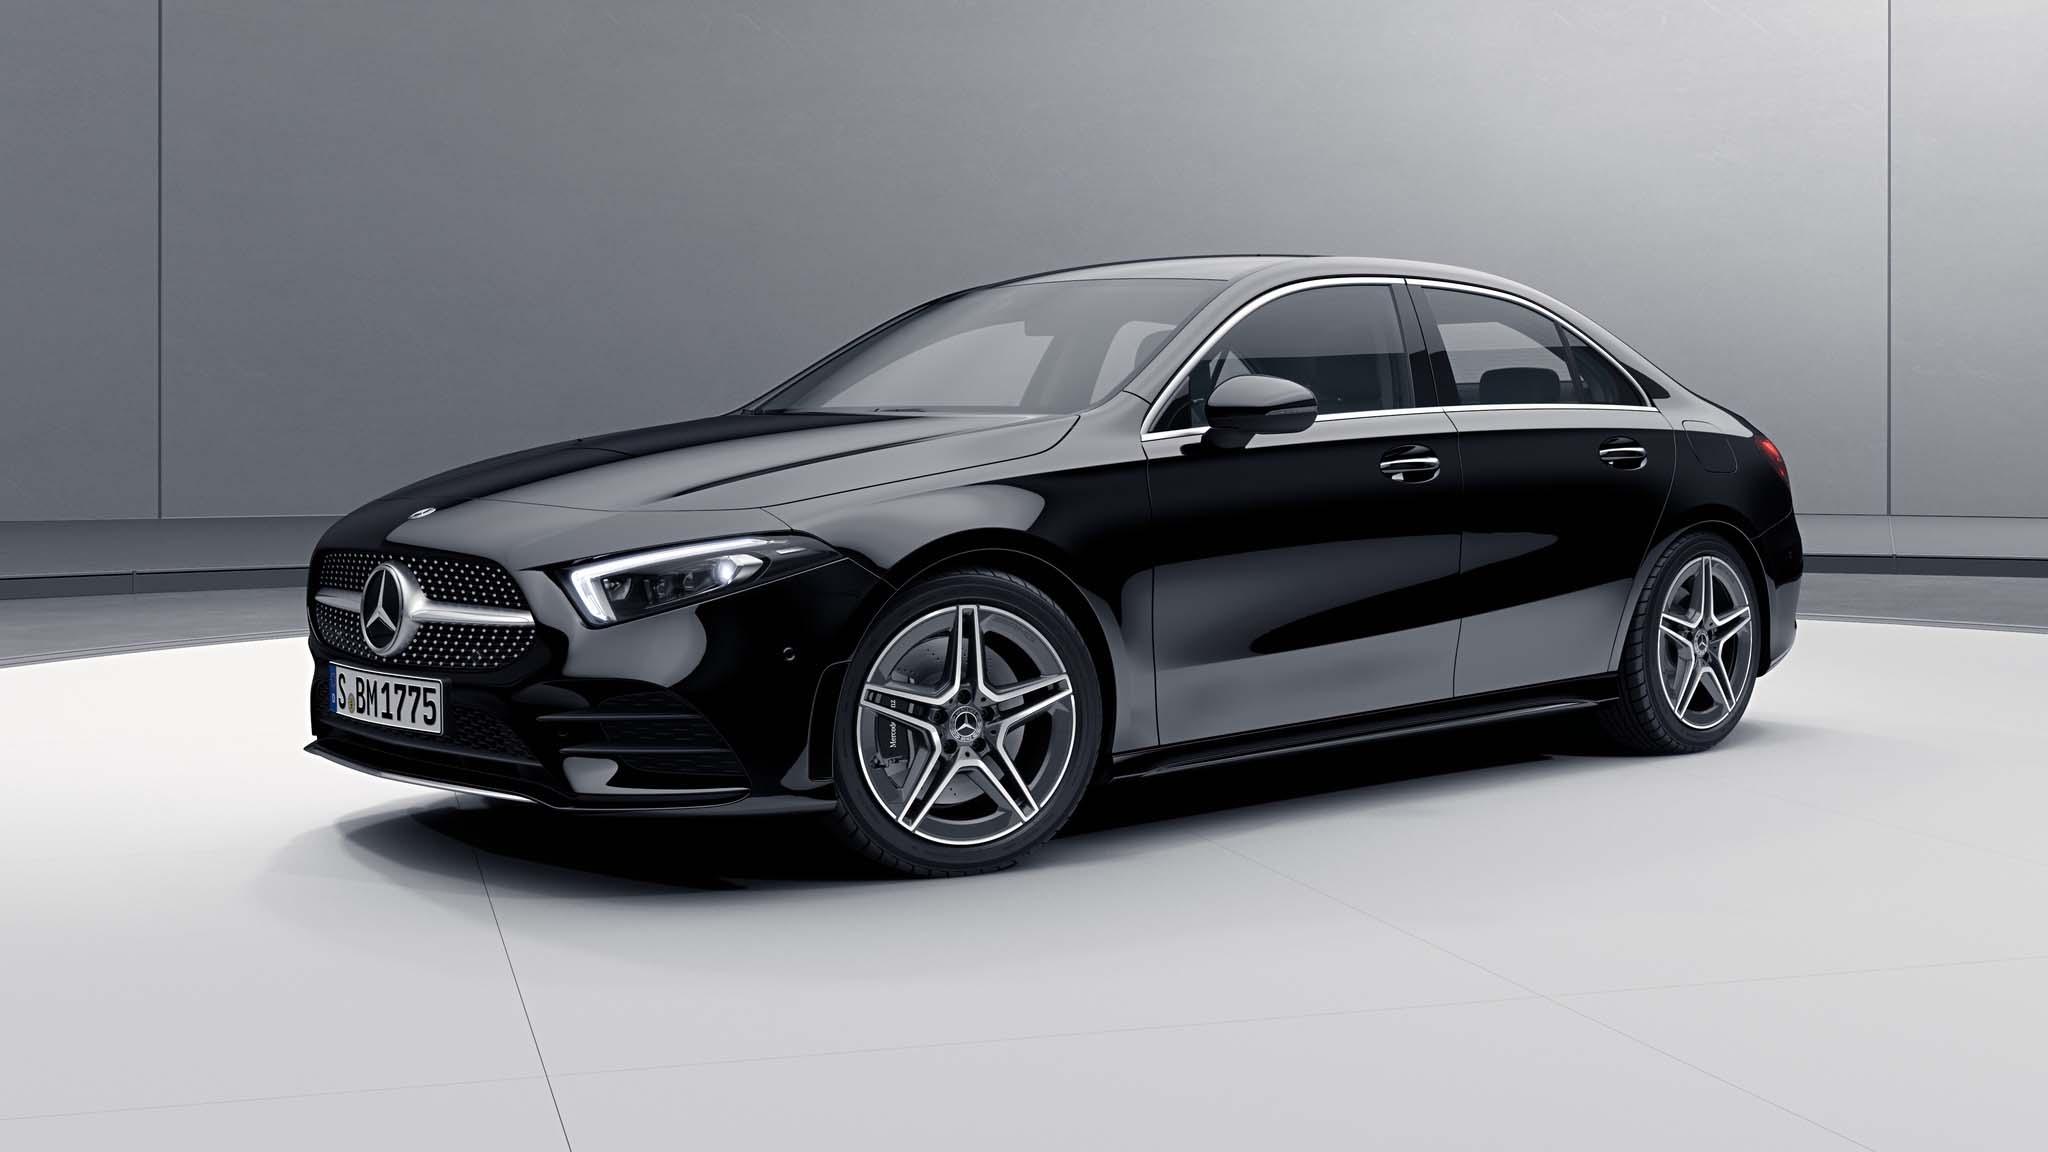 Vue de trois quarts de profil de la Mercedes Classe A berline avec la peinture Standard noir